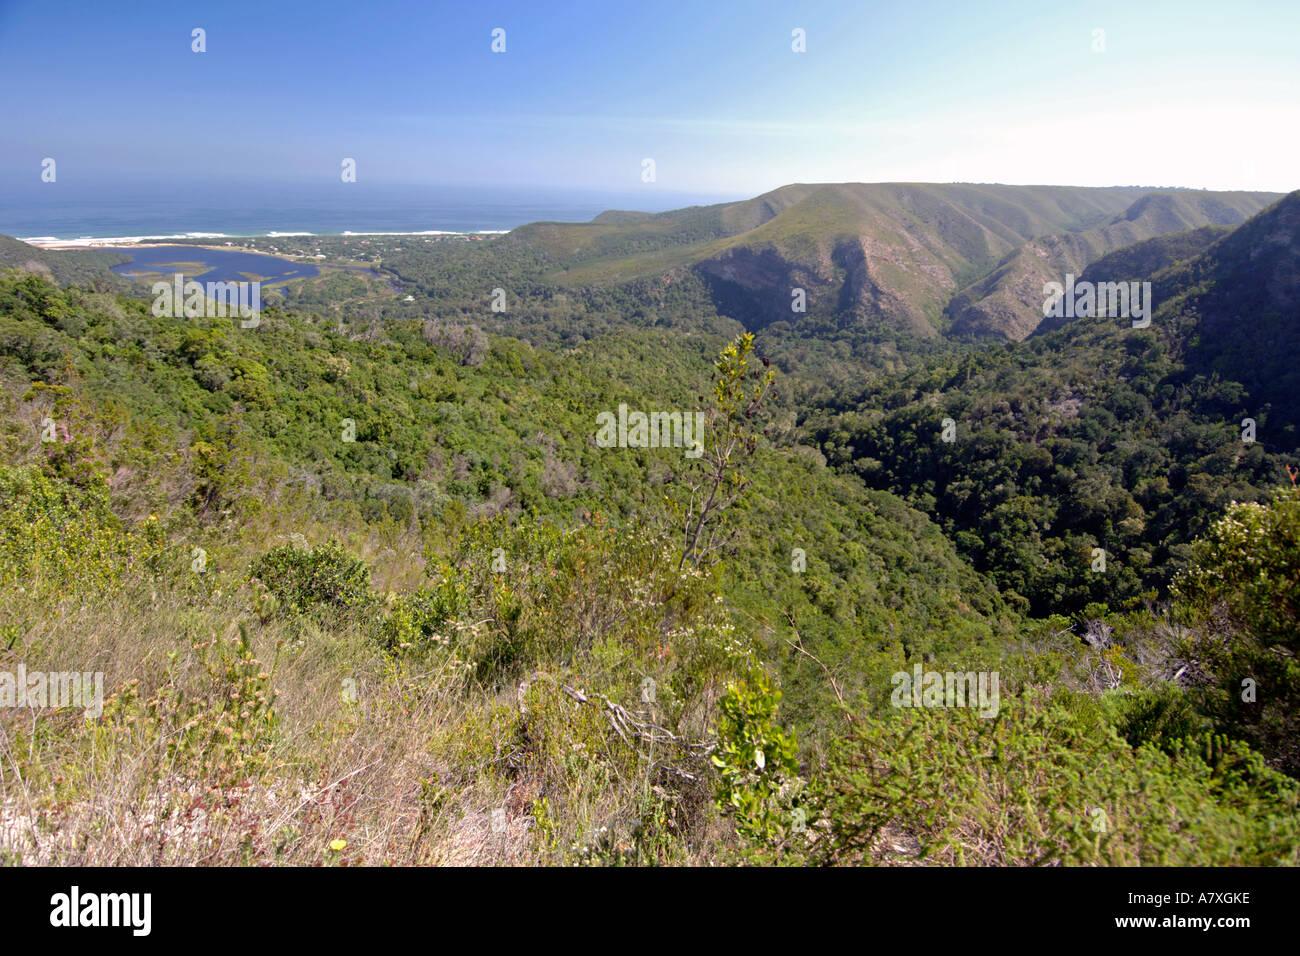 Una vista panoramica della natura di valle lungo la Garden Route del Sud Africa. Immagini Stock